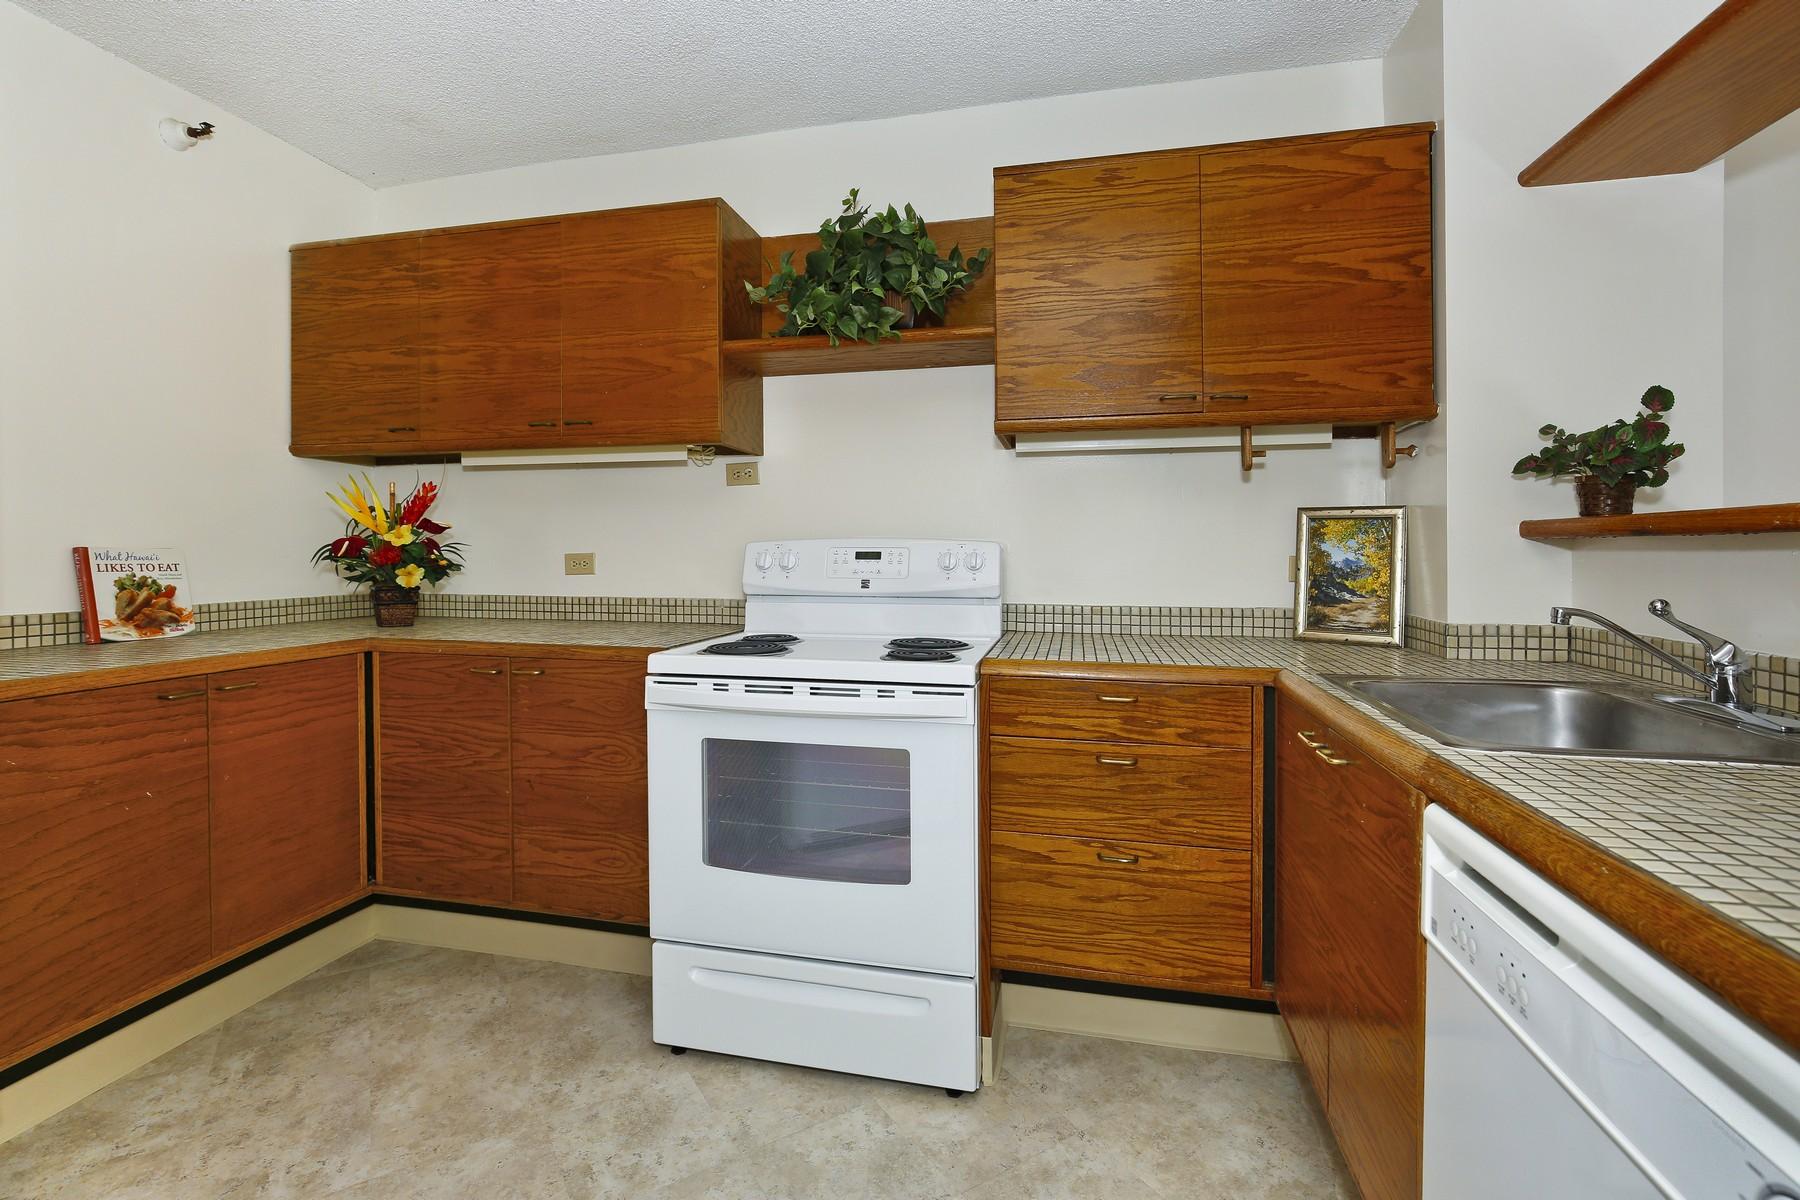 Condominium for Sale at Rarely Available Beautiful Nuuanu Condo 2102 Nuuanu Ave #2202 Honolulu, Hawaii 96817 United States